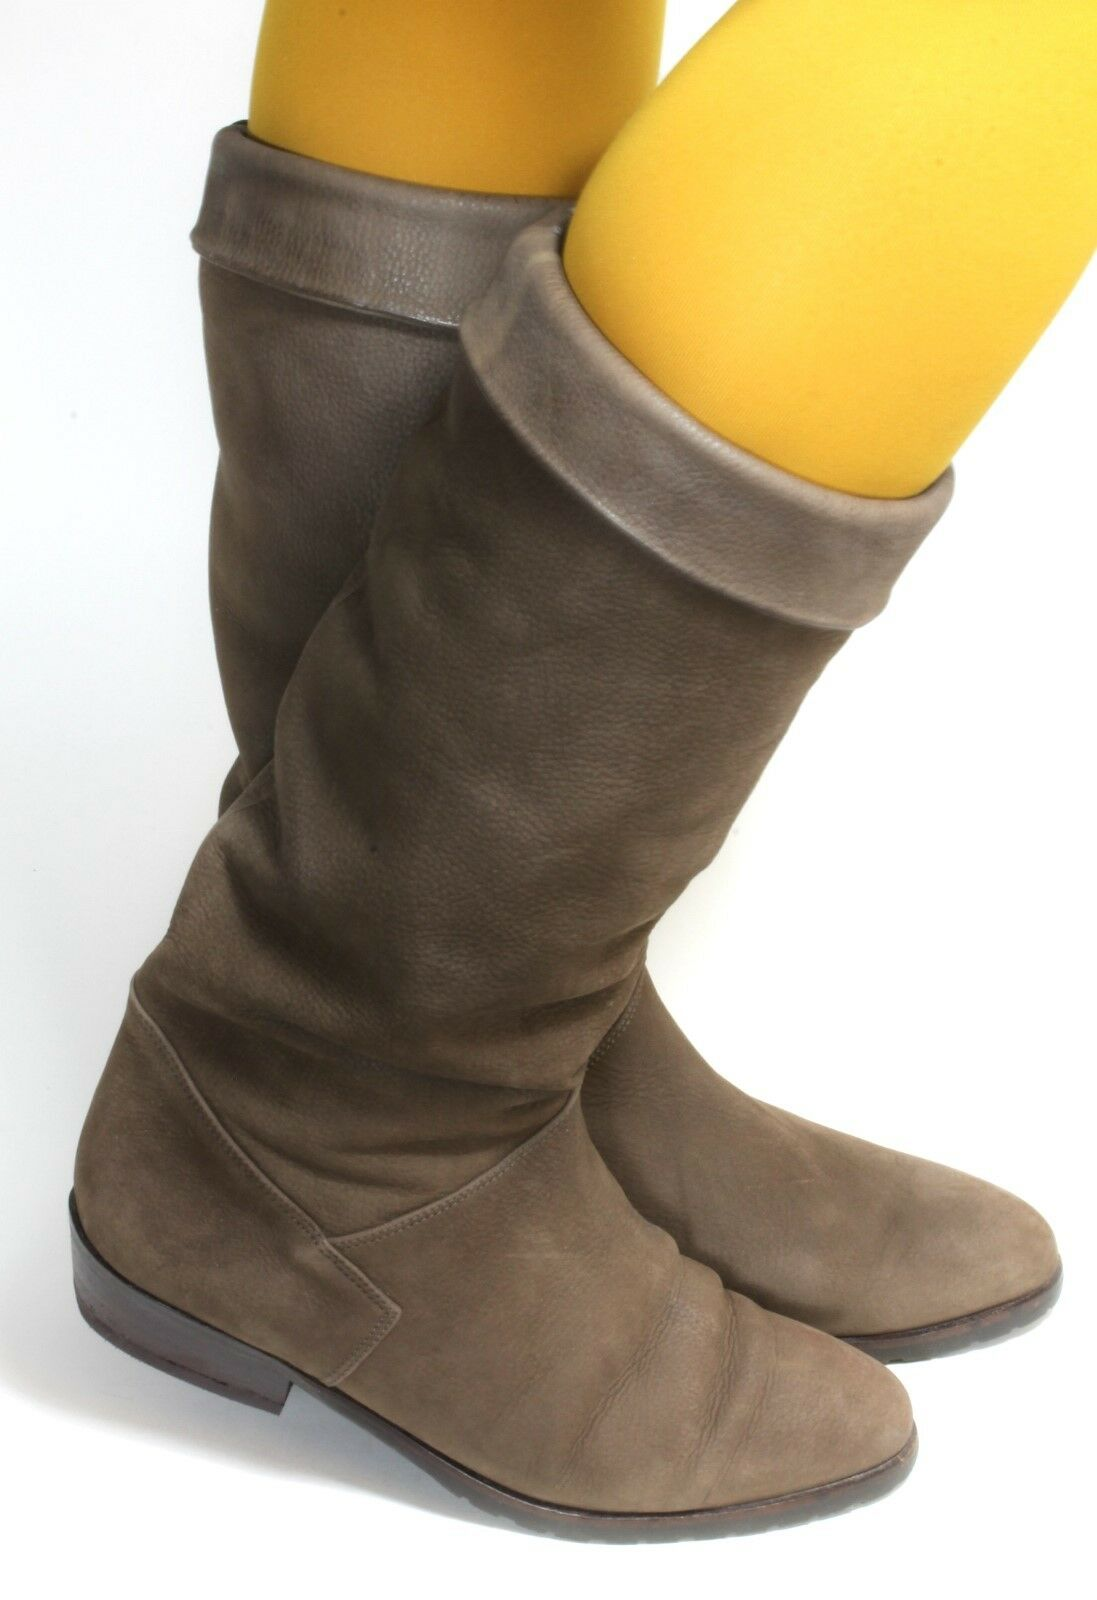 Elegant Damenstiefel Stiefel Vintage Stiefel Leder warm weich Winter Military 38